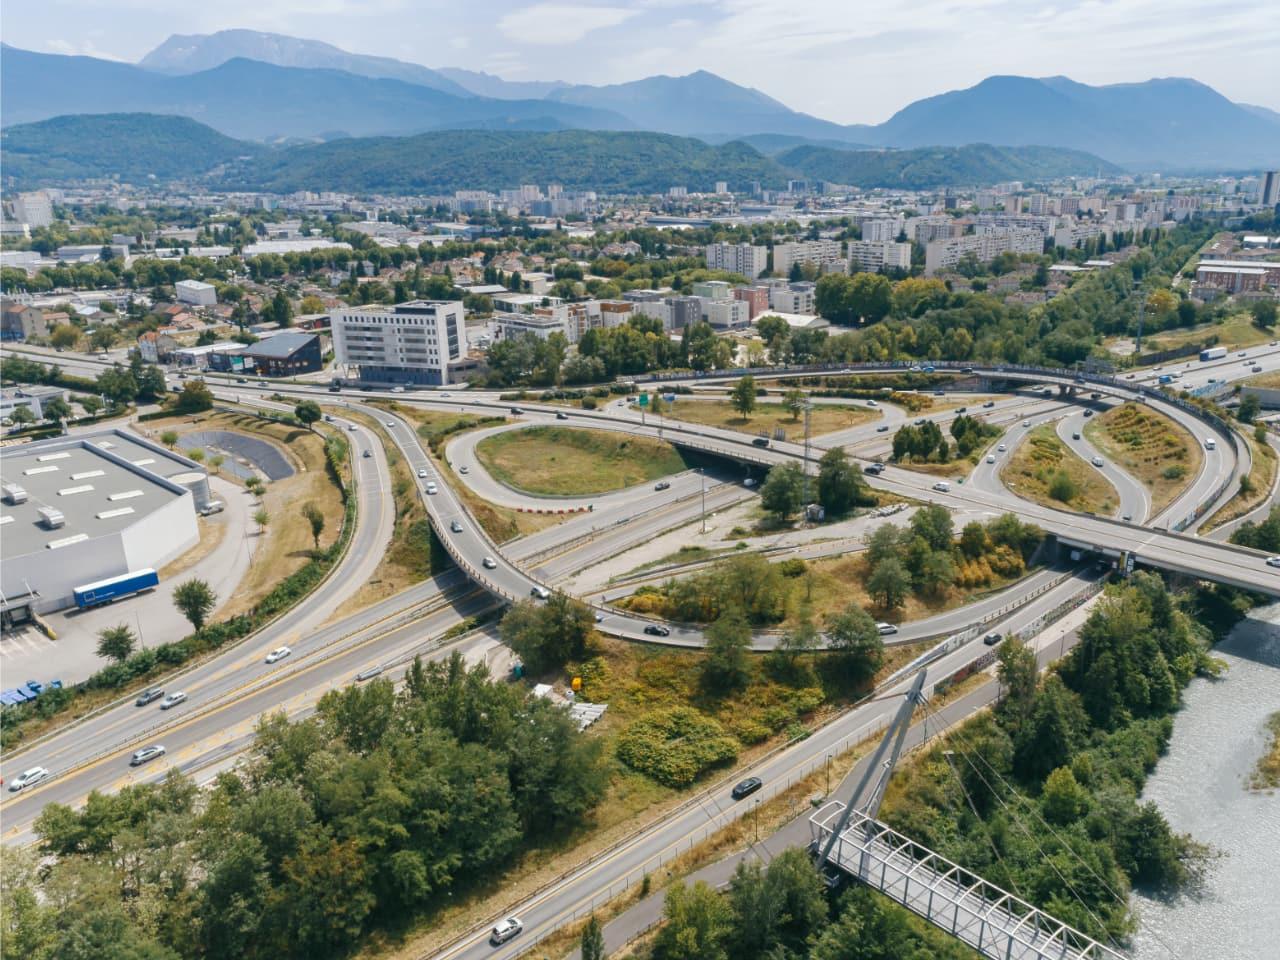 A480, Nationale N87 et échangeur du Rondeau vue du ciel à Grenoble